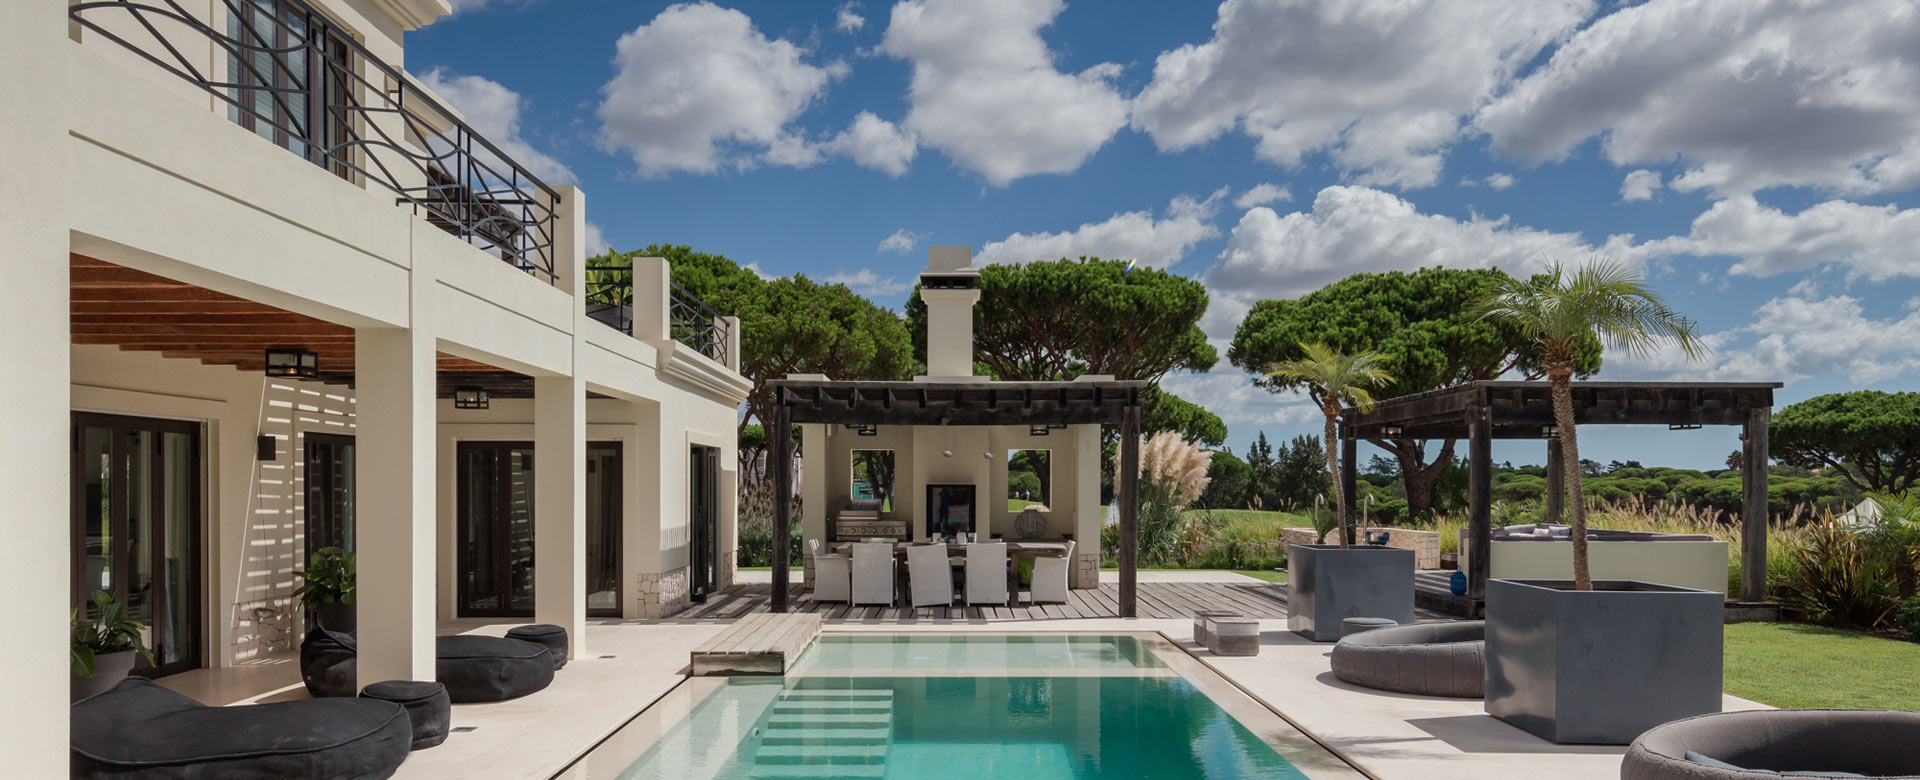 Location de villa de luxe en Algarve | Villanovo